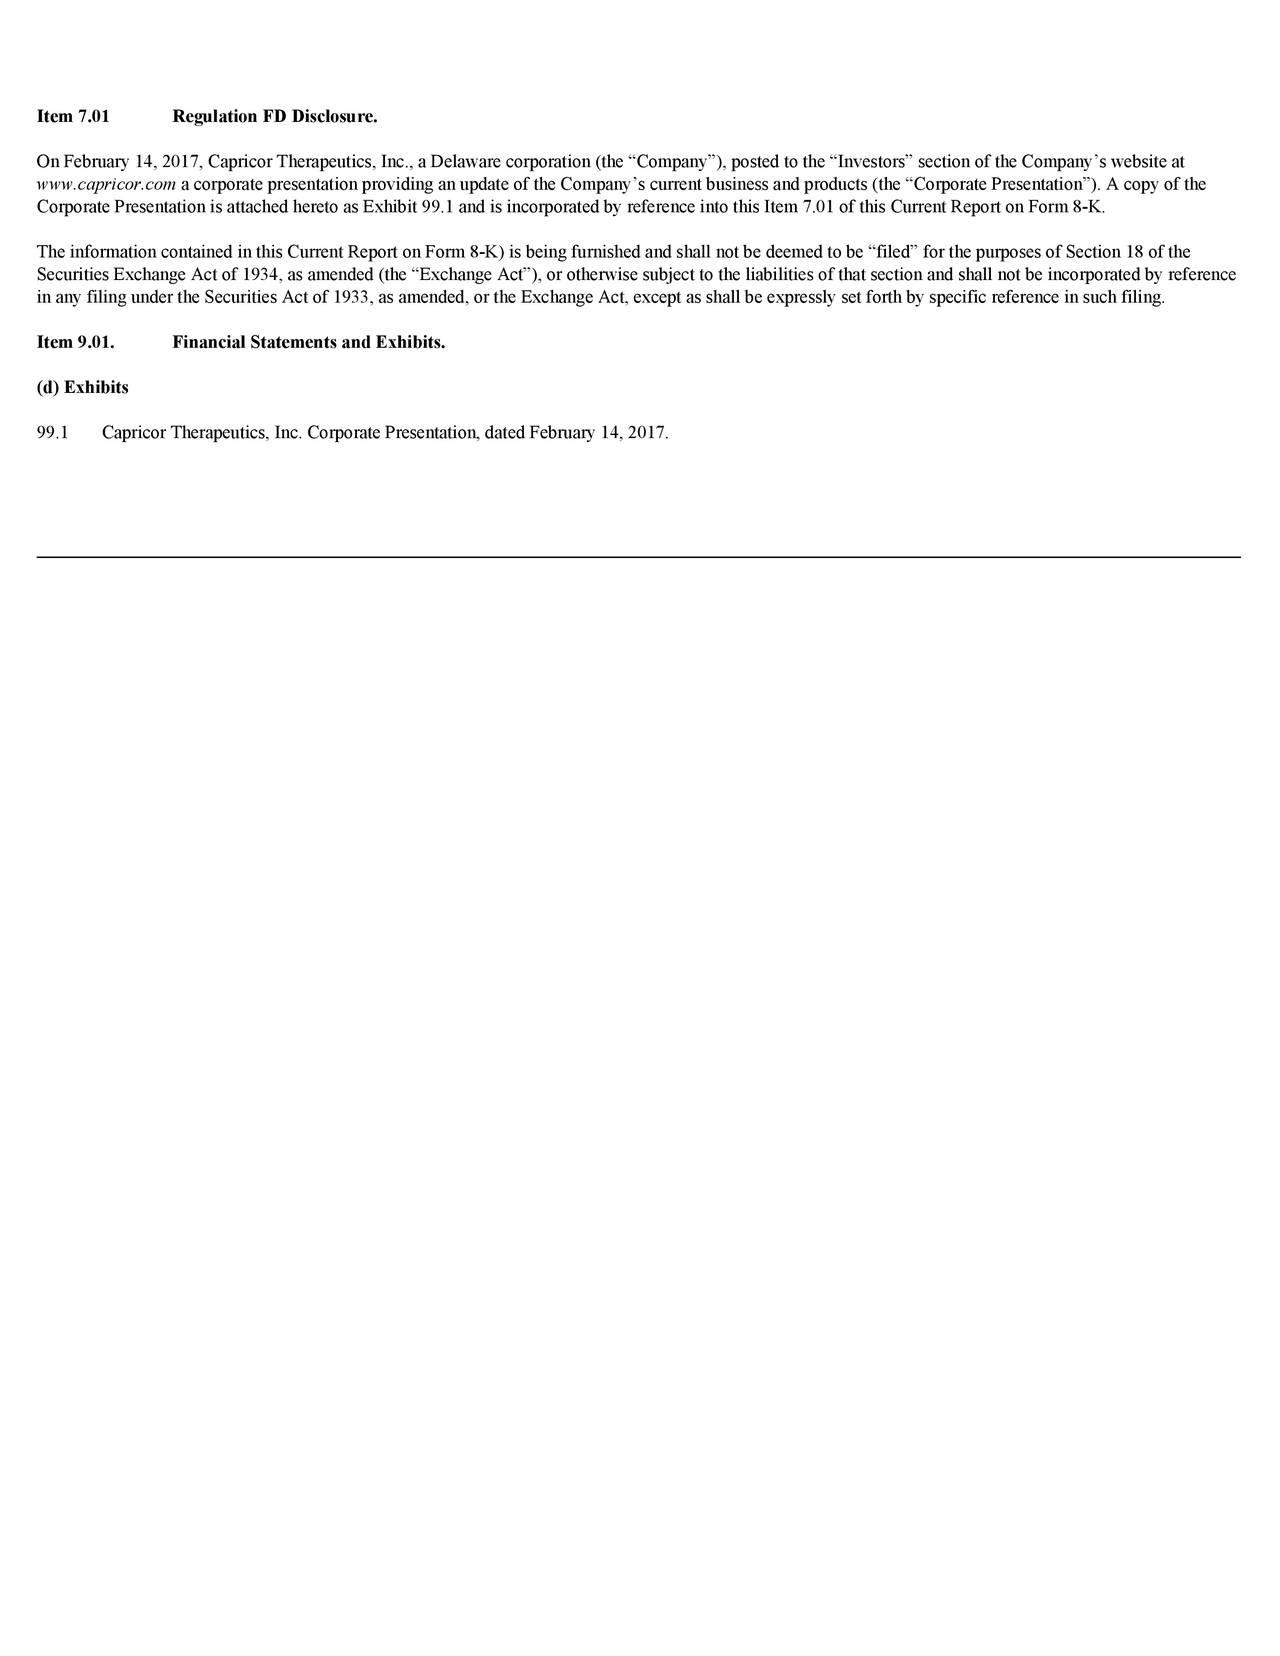 Item 7.01 Regulation FD Disclosure. OnFebruary14,2017,CapricorTherapeutics,Inc.,aDelawarecorporation(theCompany),postedtotheInvestorssectionoftheCompanyswebsiteat www.capricor.com acorporatepresentationprovidinganupdateoftheCompanyscurrentbusinessandproducts(theCorporatePresentation).Acopyofthe CorporatePresentationisattachedheretoasExhibit99.1andisincorporatedbyreferenceintothisItem7.01ofthisCurrentReportonForm8-K. TheinformationcontainedinthisCurrentReportonForm8-K)isbeingfurnishedandshallnotbedeemedtobefiledforthepurposesofSection18ofthe SecuritiesExchangeActof1934,asamended(theExchangeAct),orotherwisesubjecttotheliabilitiesofthatsectionandshallnotbeincorporatedbyreference inanyfilingundertheSecuritiesActof1933,asamended,ortheExchangeAct,exceptasshallbeexpresslysetforthbyspecificreferenceinsuchfiling. Item 9.01. Financial Statements and Exhibits. (d)Exhibits 99.1 CapricorTherapeutics,Inc.CorporatePresentation,datedFebruary14,2017.